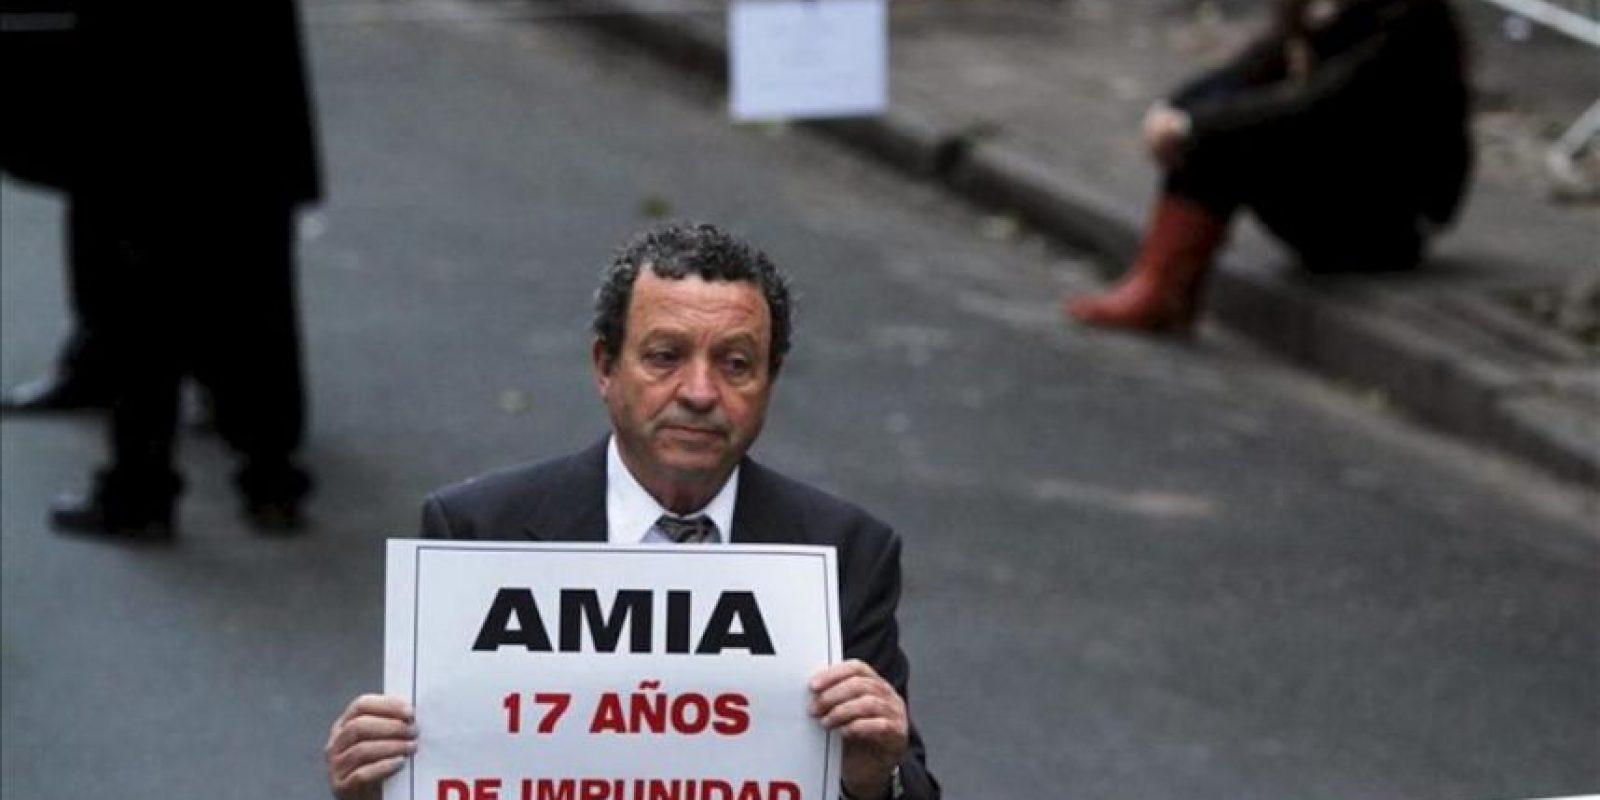 Un integrante de la comunidad judía de Argentina en el acto con motivo del aniversario del atentado que causó 85 muertos en la sede de la Asociación Mutual Israelita Argentina (AMIA) en Buenos Aires (Argentina). EFE/Archivo